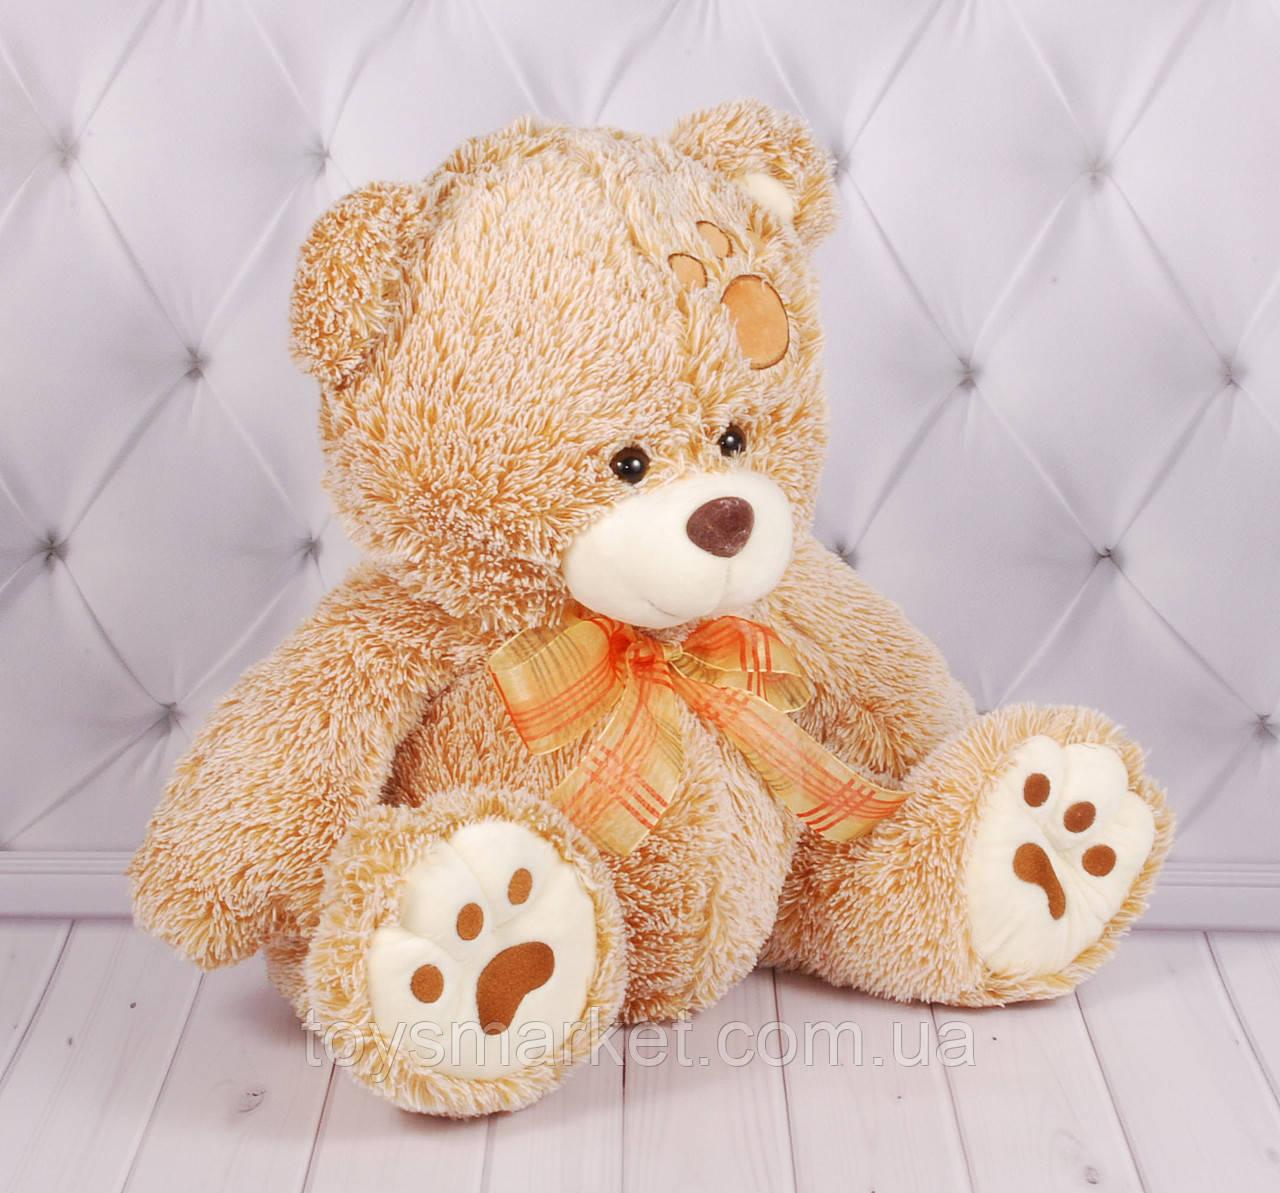 """Мягкая игрушка, плюшевый мишка """"Баффи"""", мягкий медведь в наличии"""